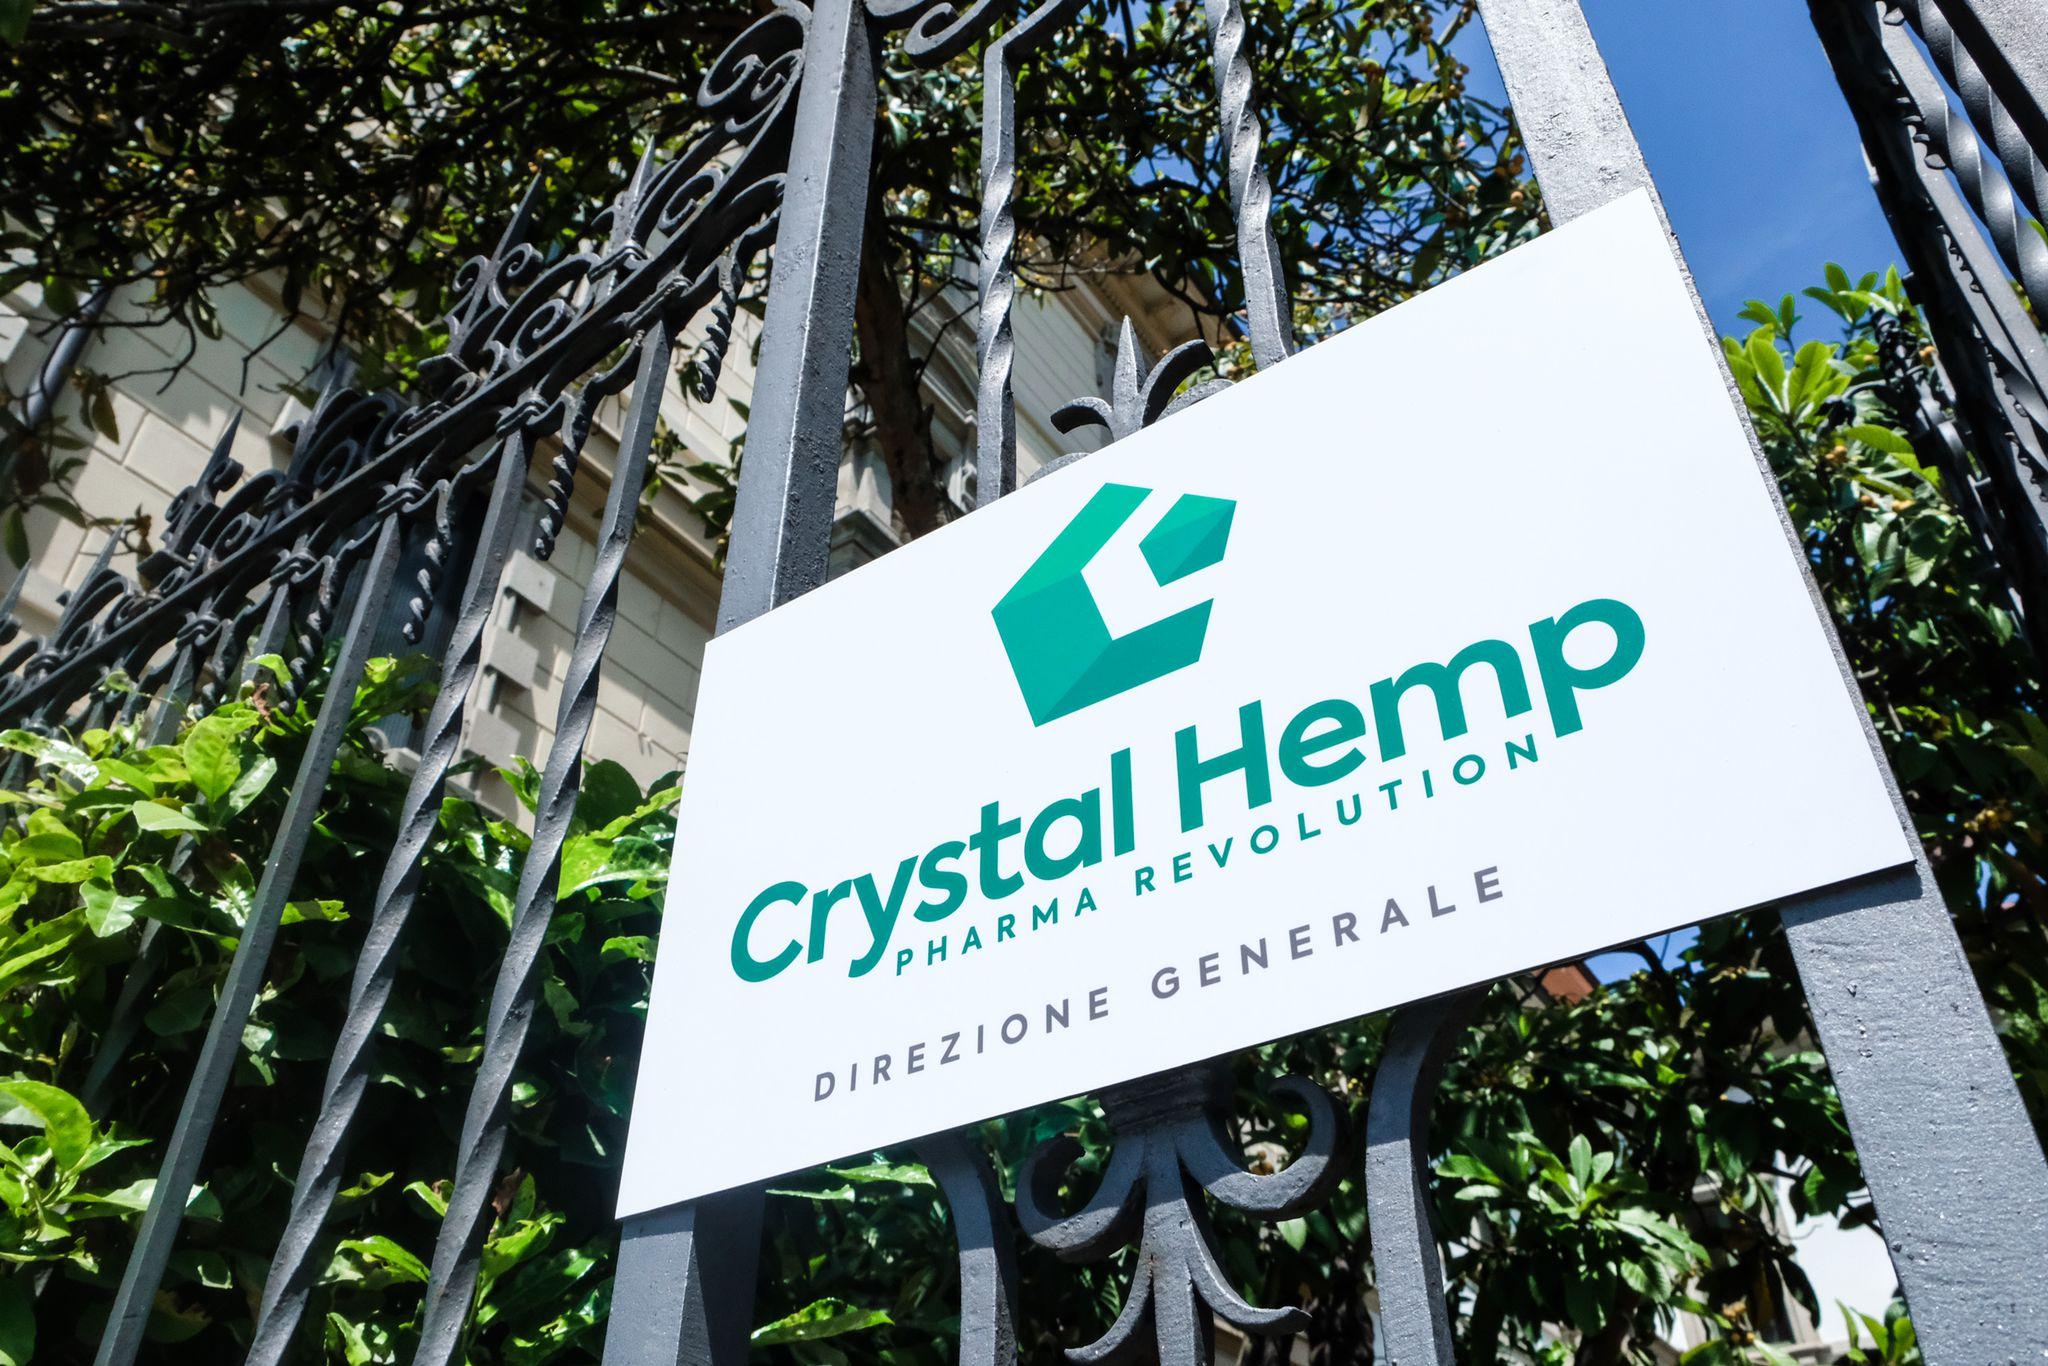 Crystal Hemp e la linea di prodotti Dermohemp